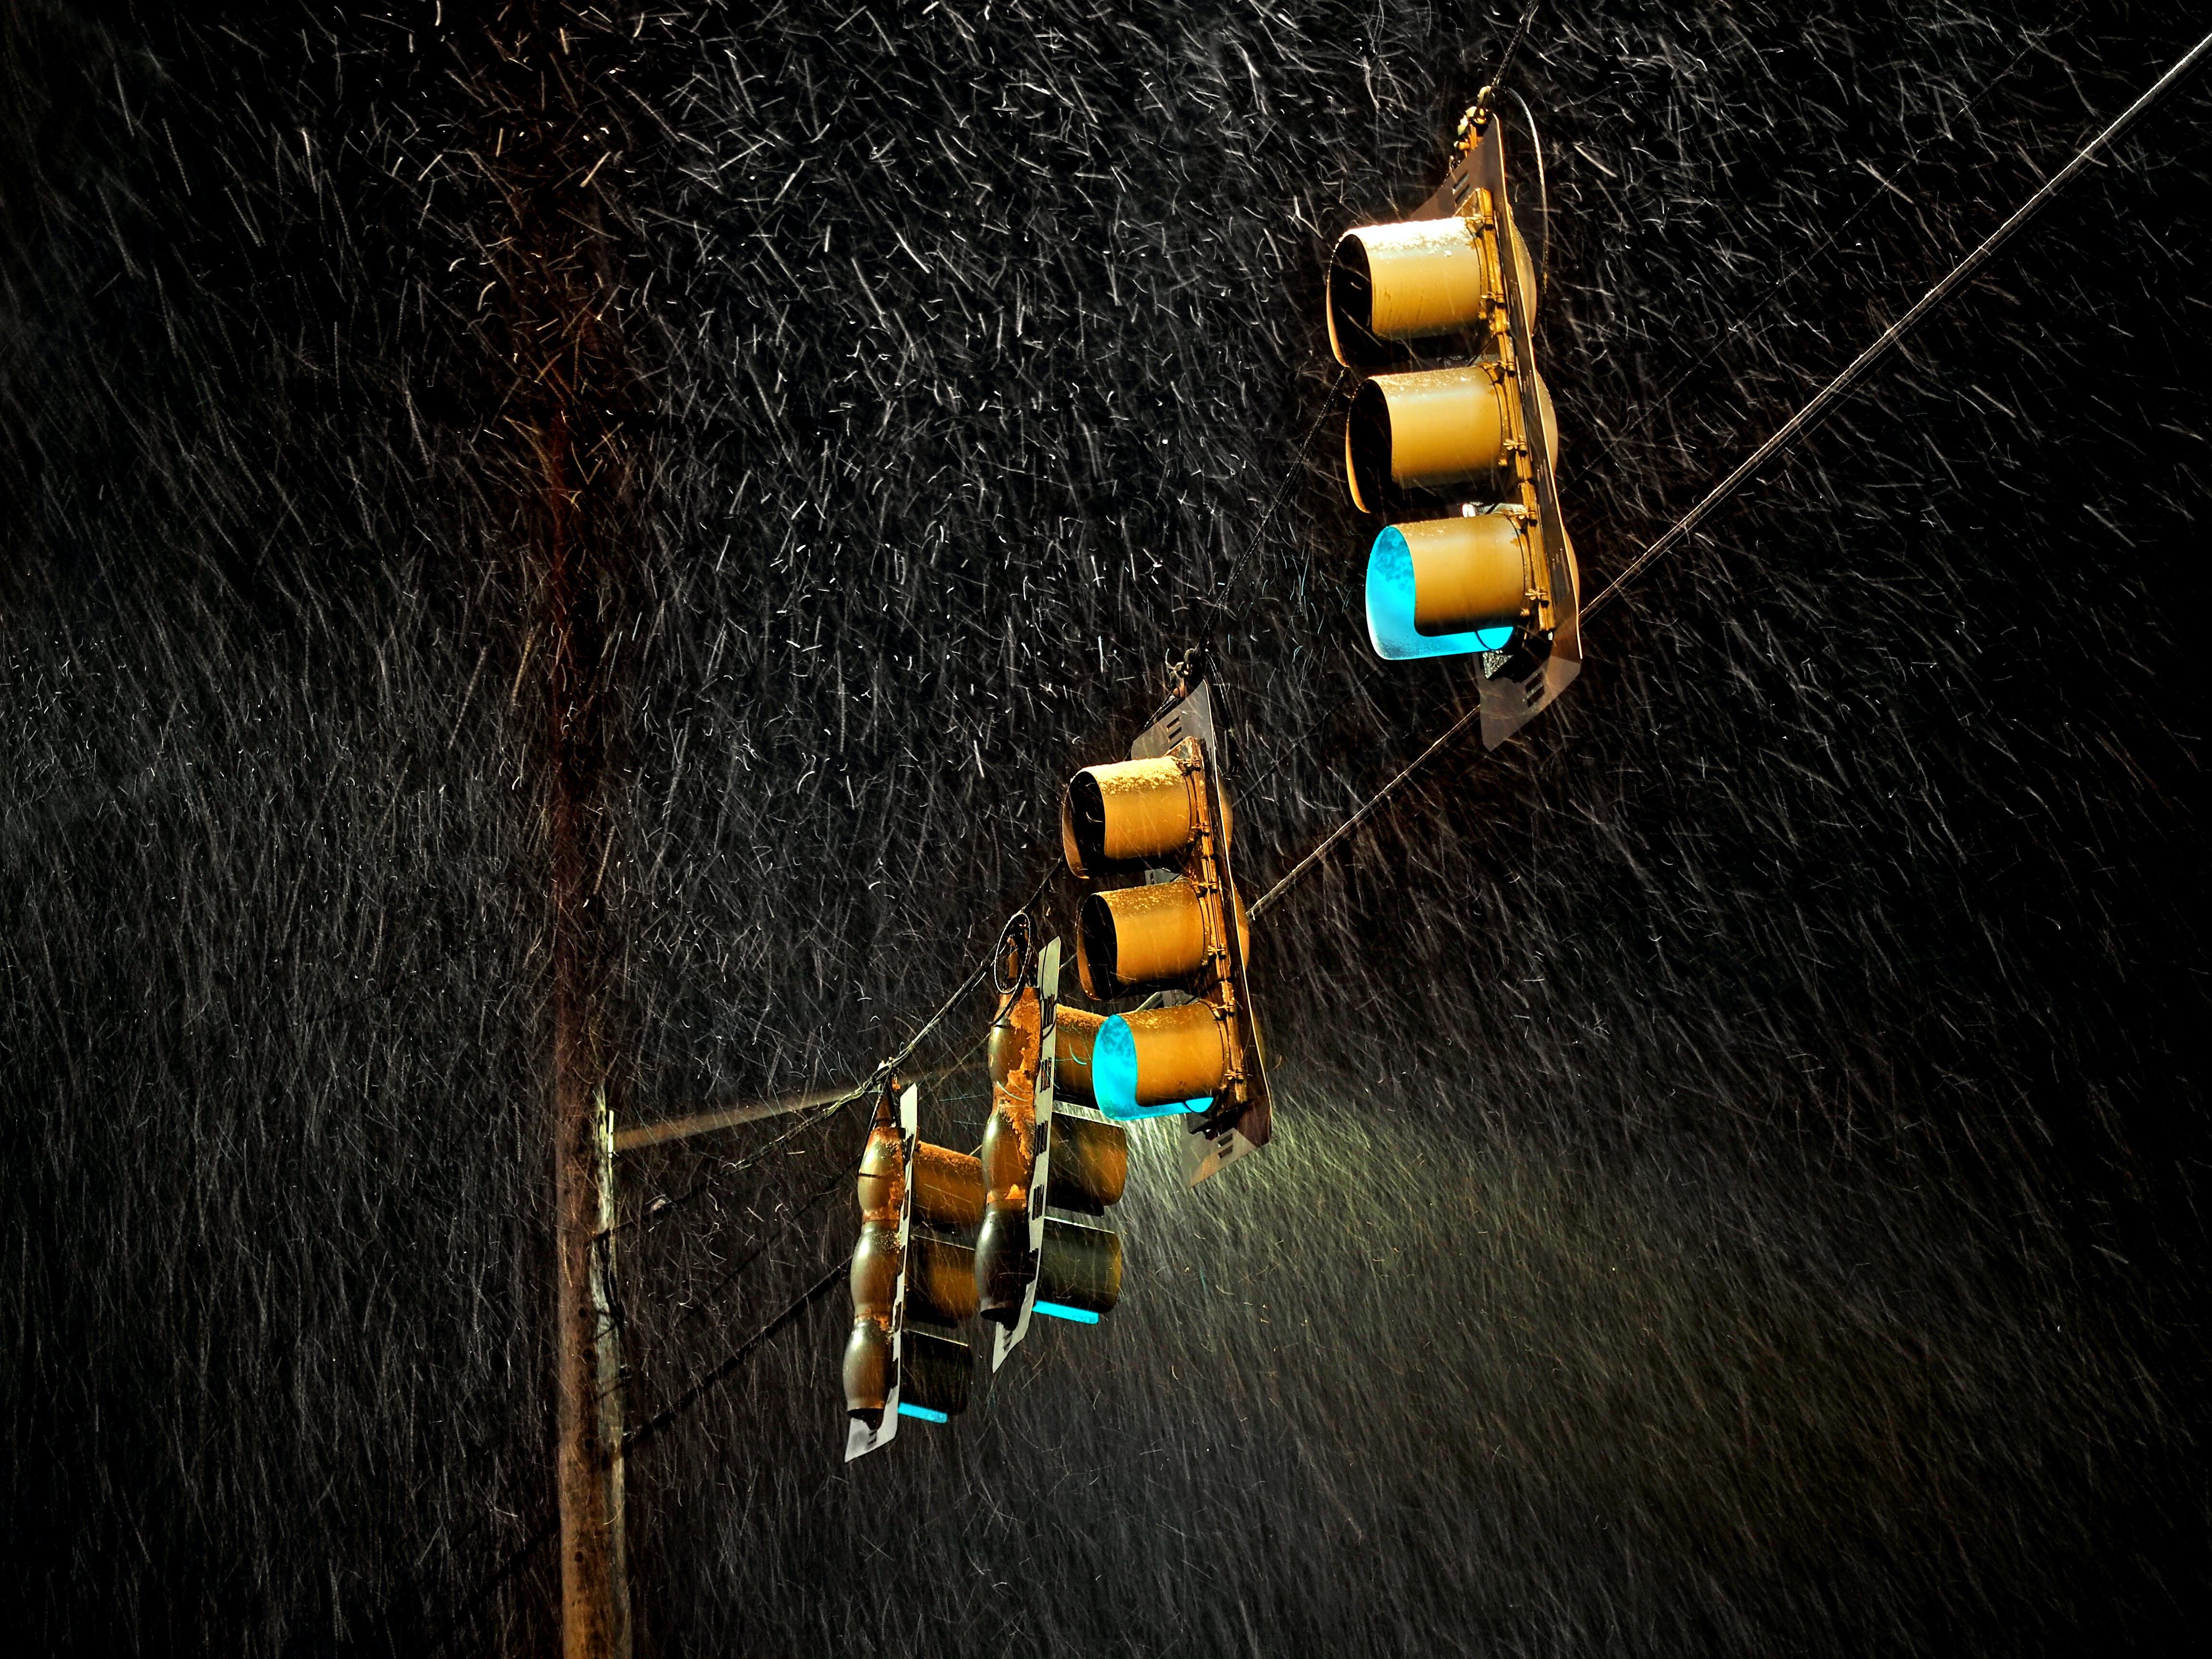 ストリート写真, ダーク, 夜, 夜の写真の無料の写真素材